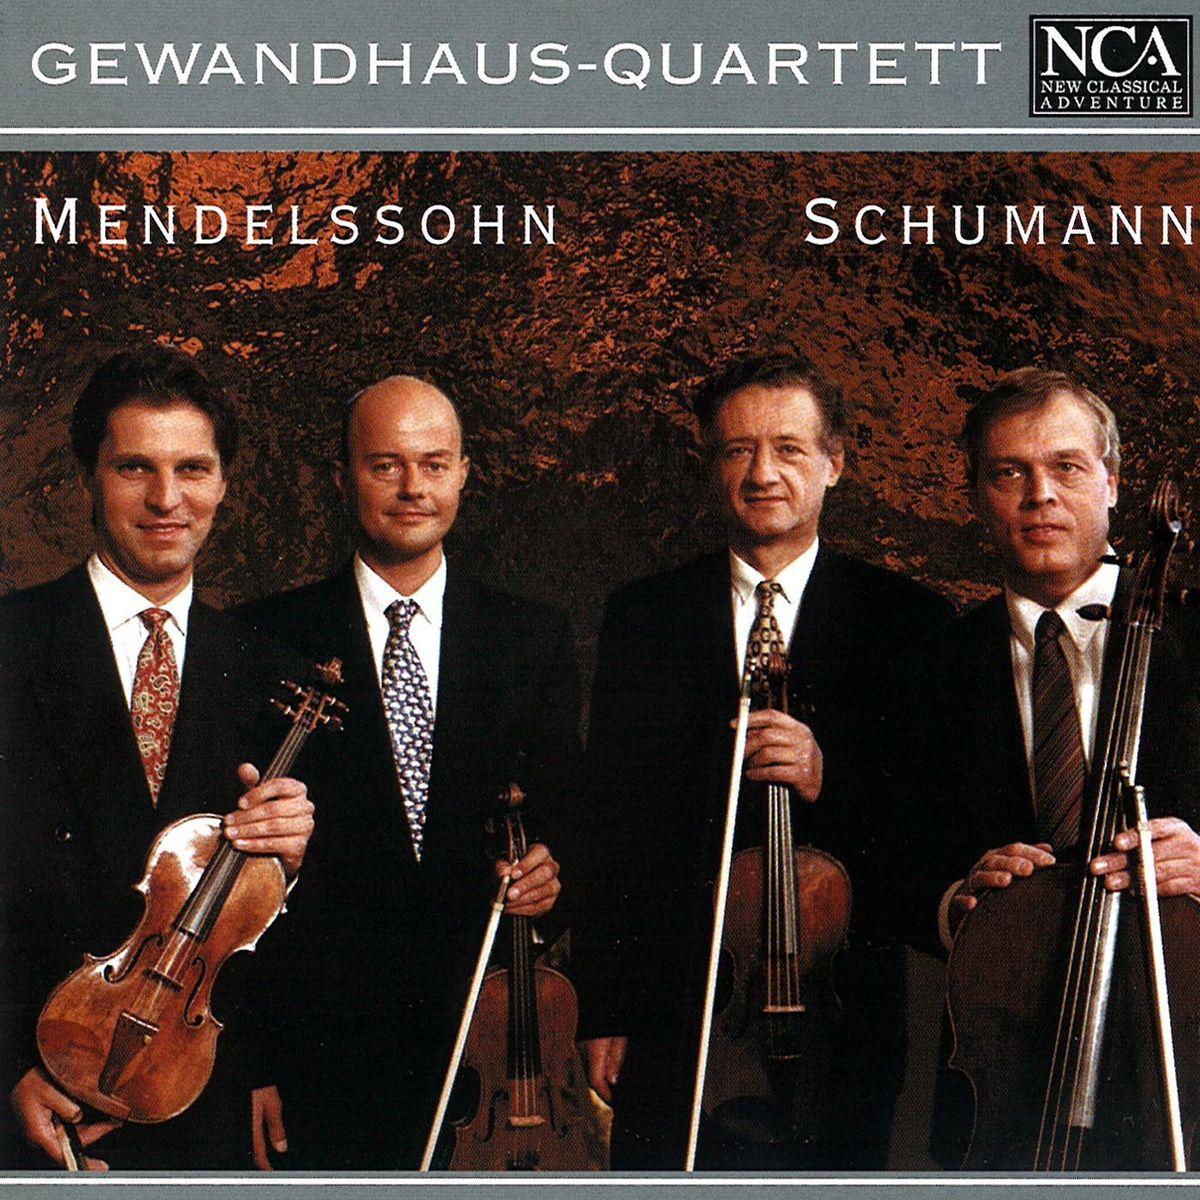 цена на Gewandhaus-Quartett. Mendelssohn: Streichquartett D-Dur op. 44 Nr. 1 / Schumann: Streichquartett a-Moll op. 41 Nr. 1